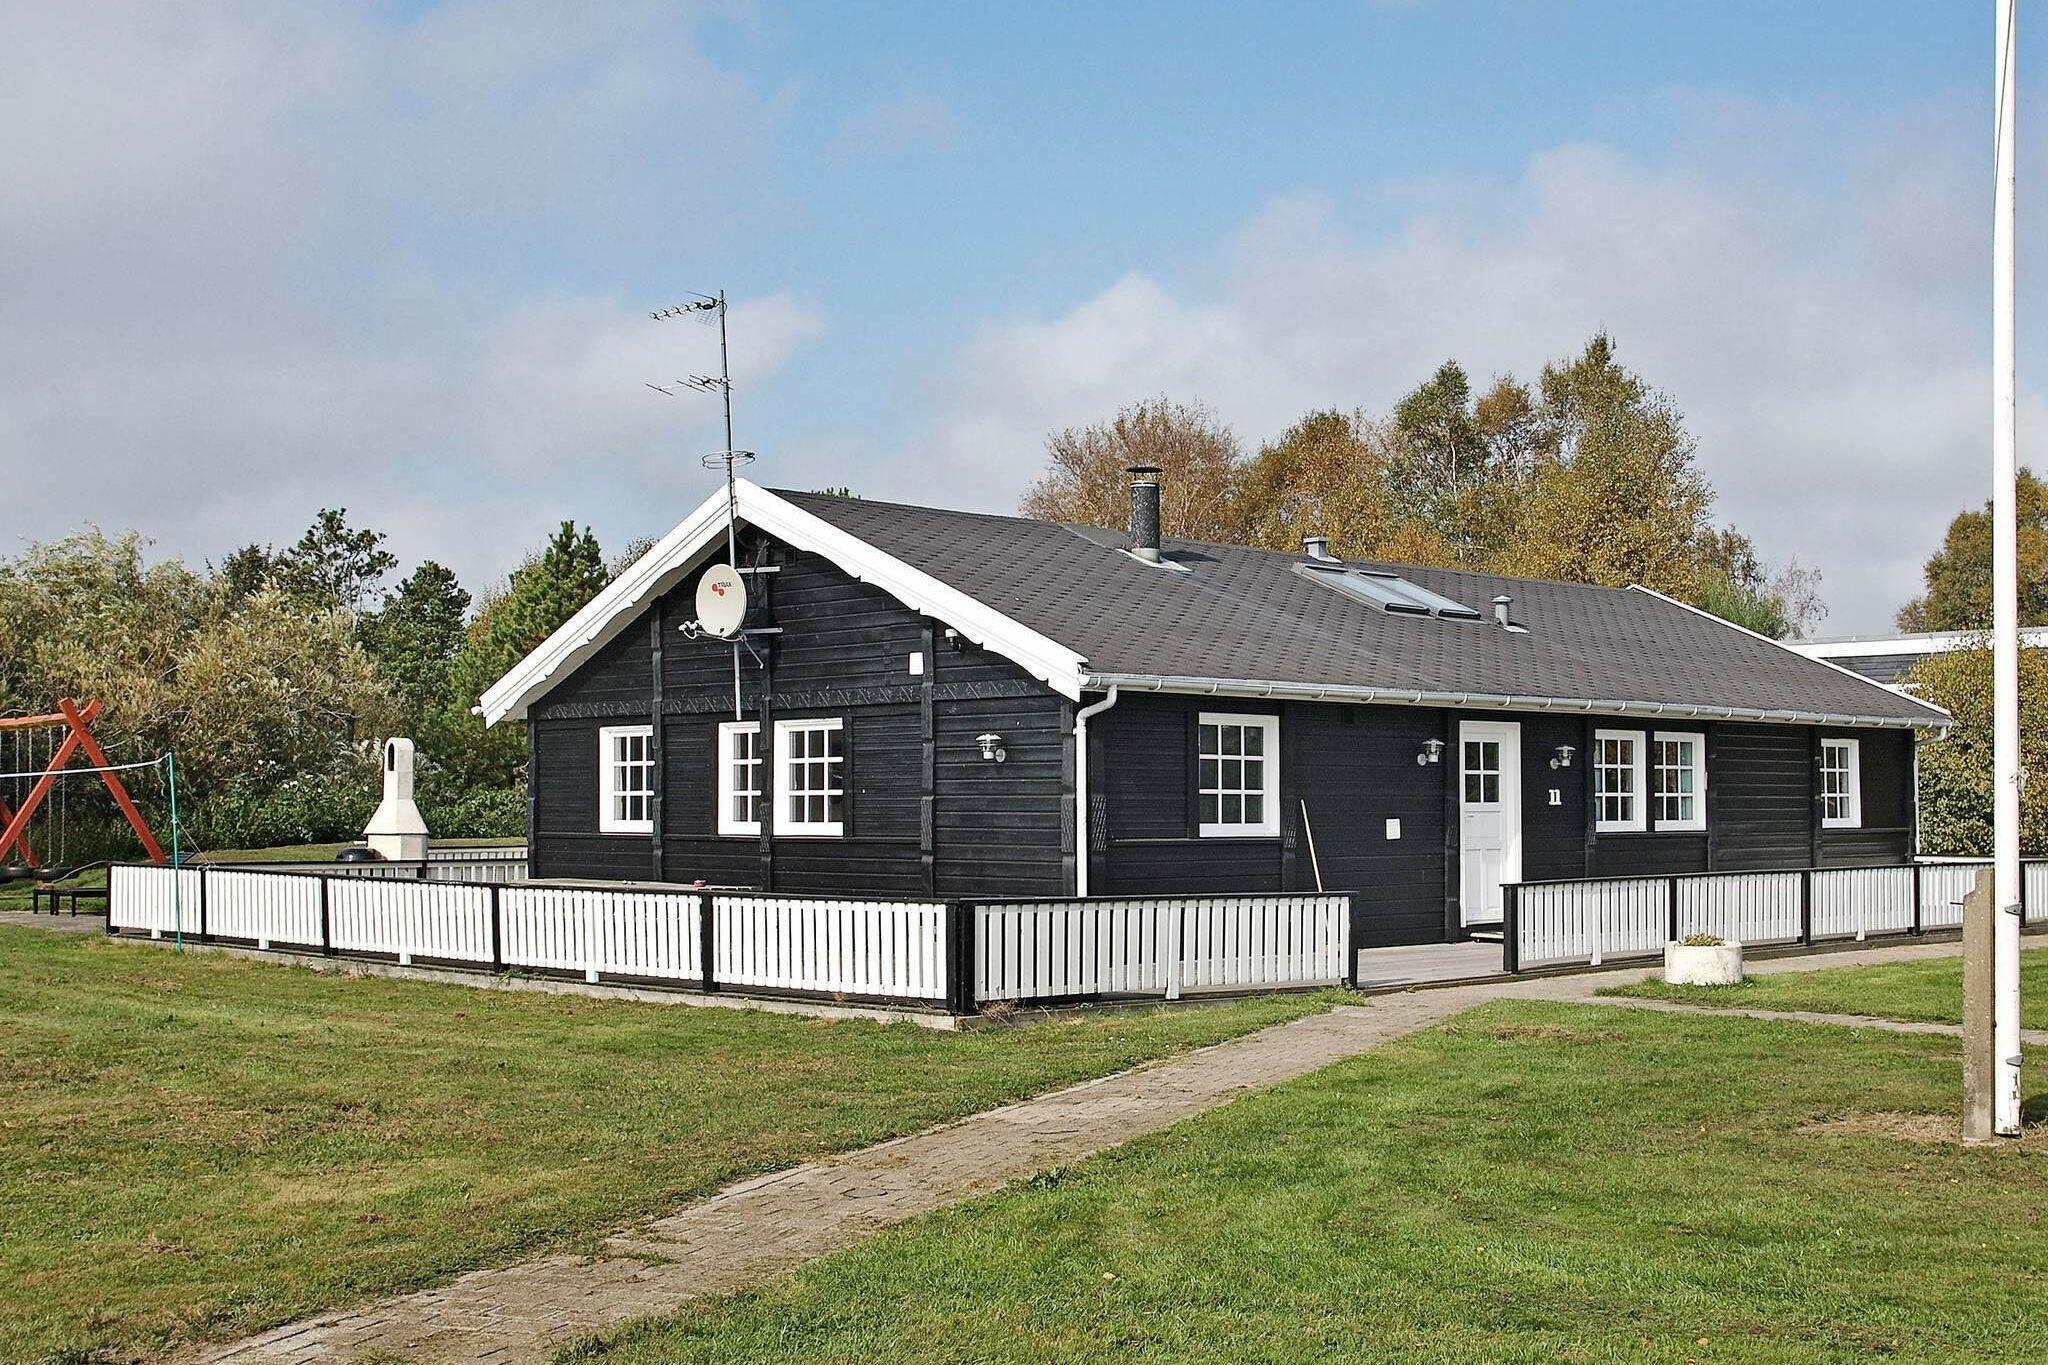 Ferienhaus in Hals für 15 Personen